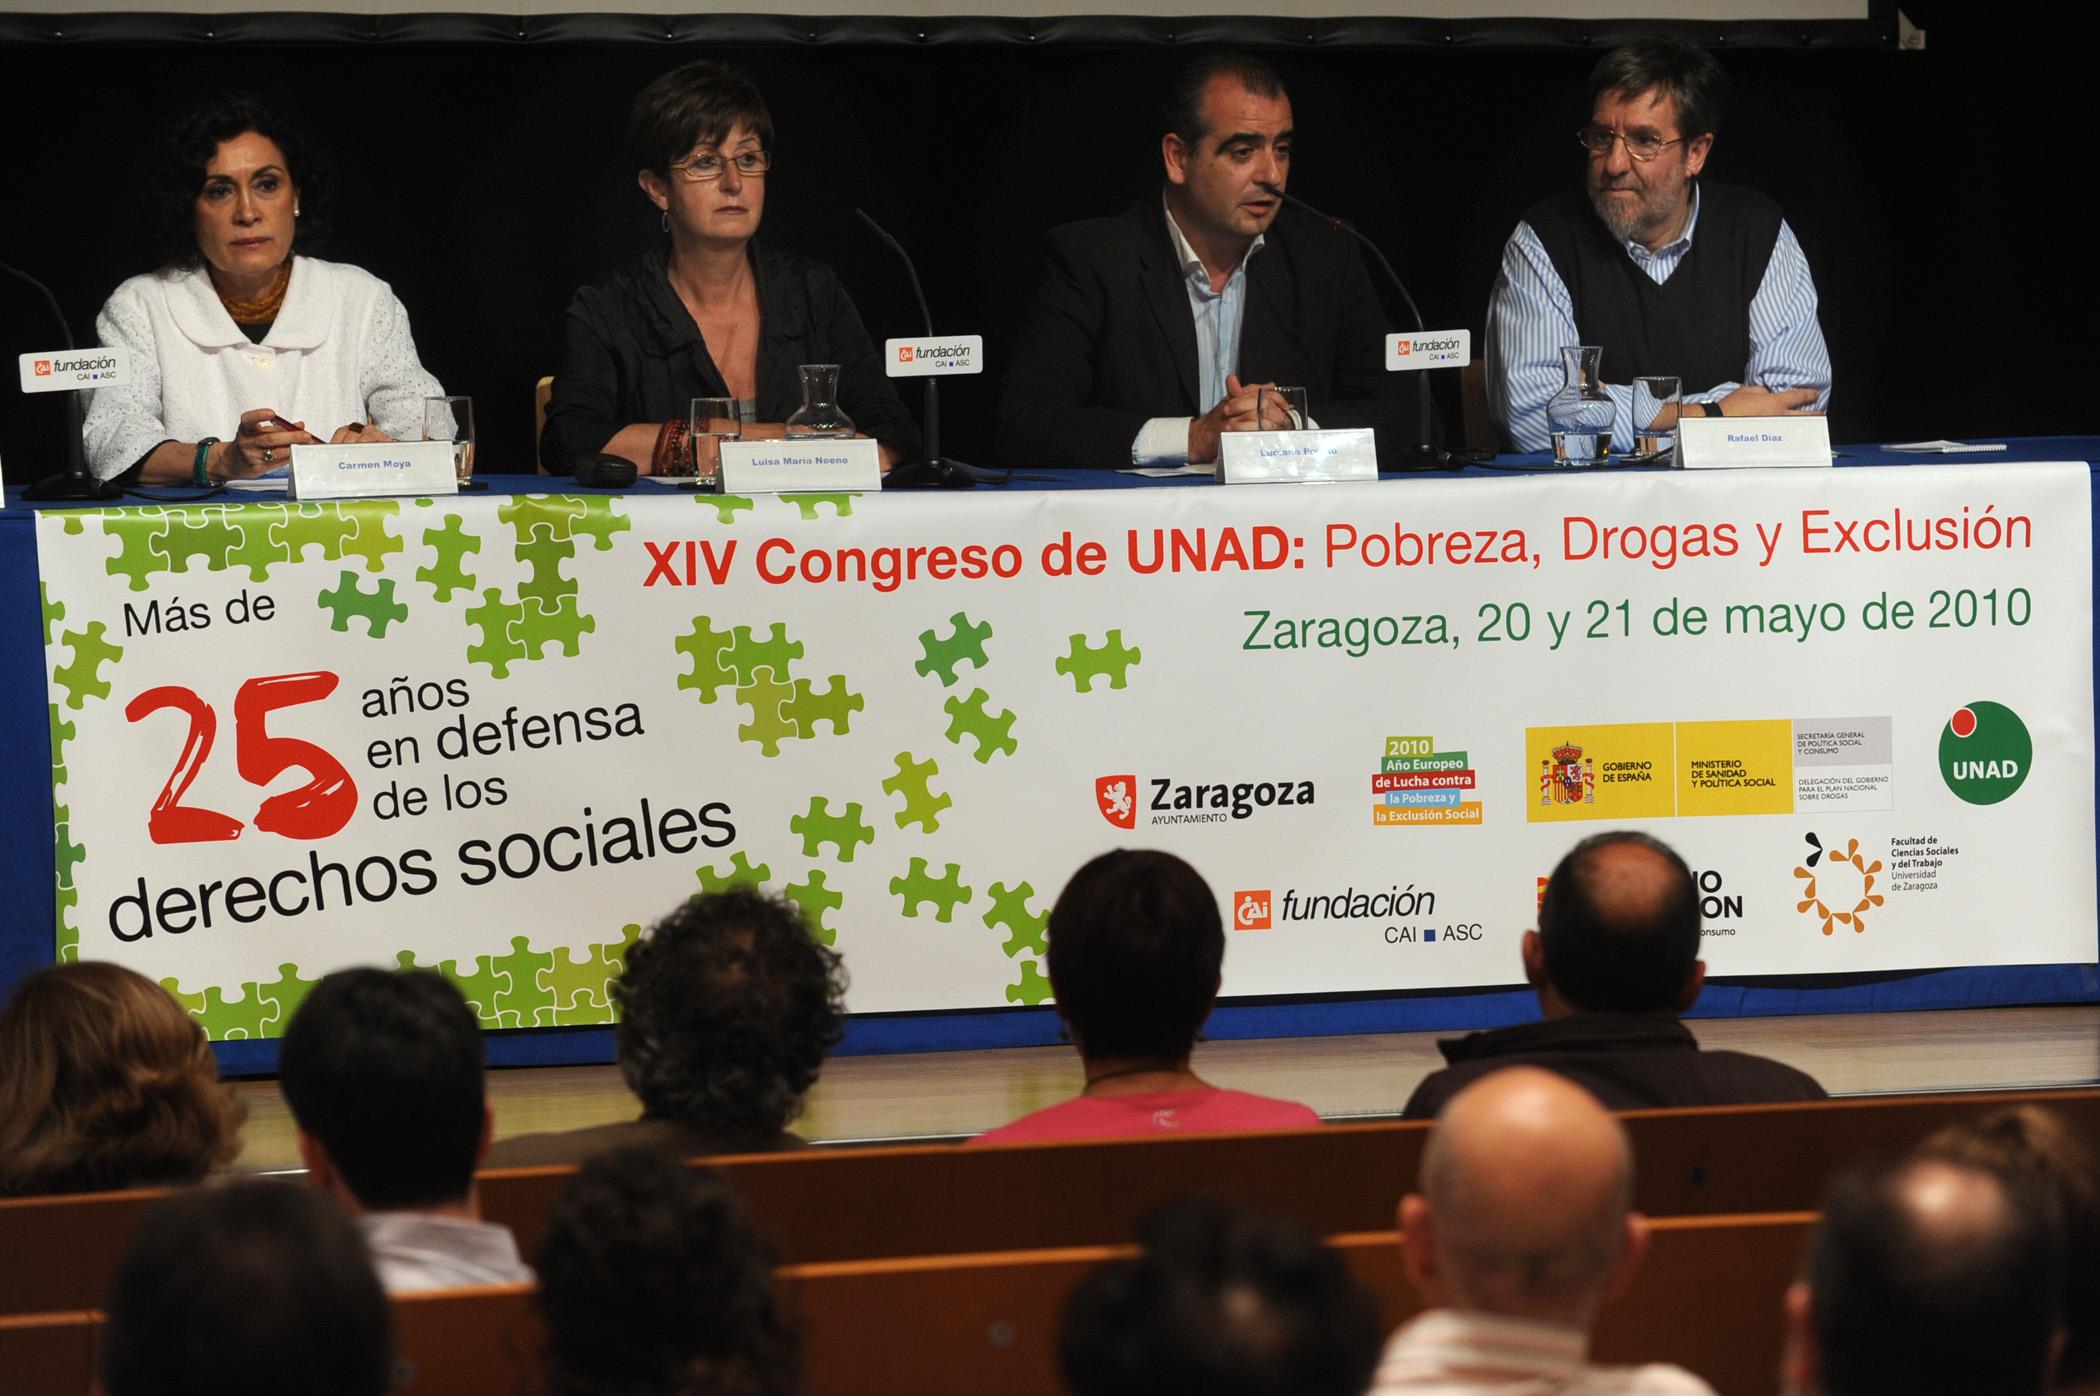 Congreso de Unad: Pobreza, Drogas y Exclusión.